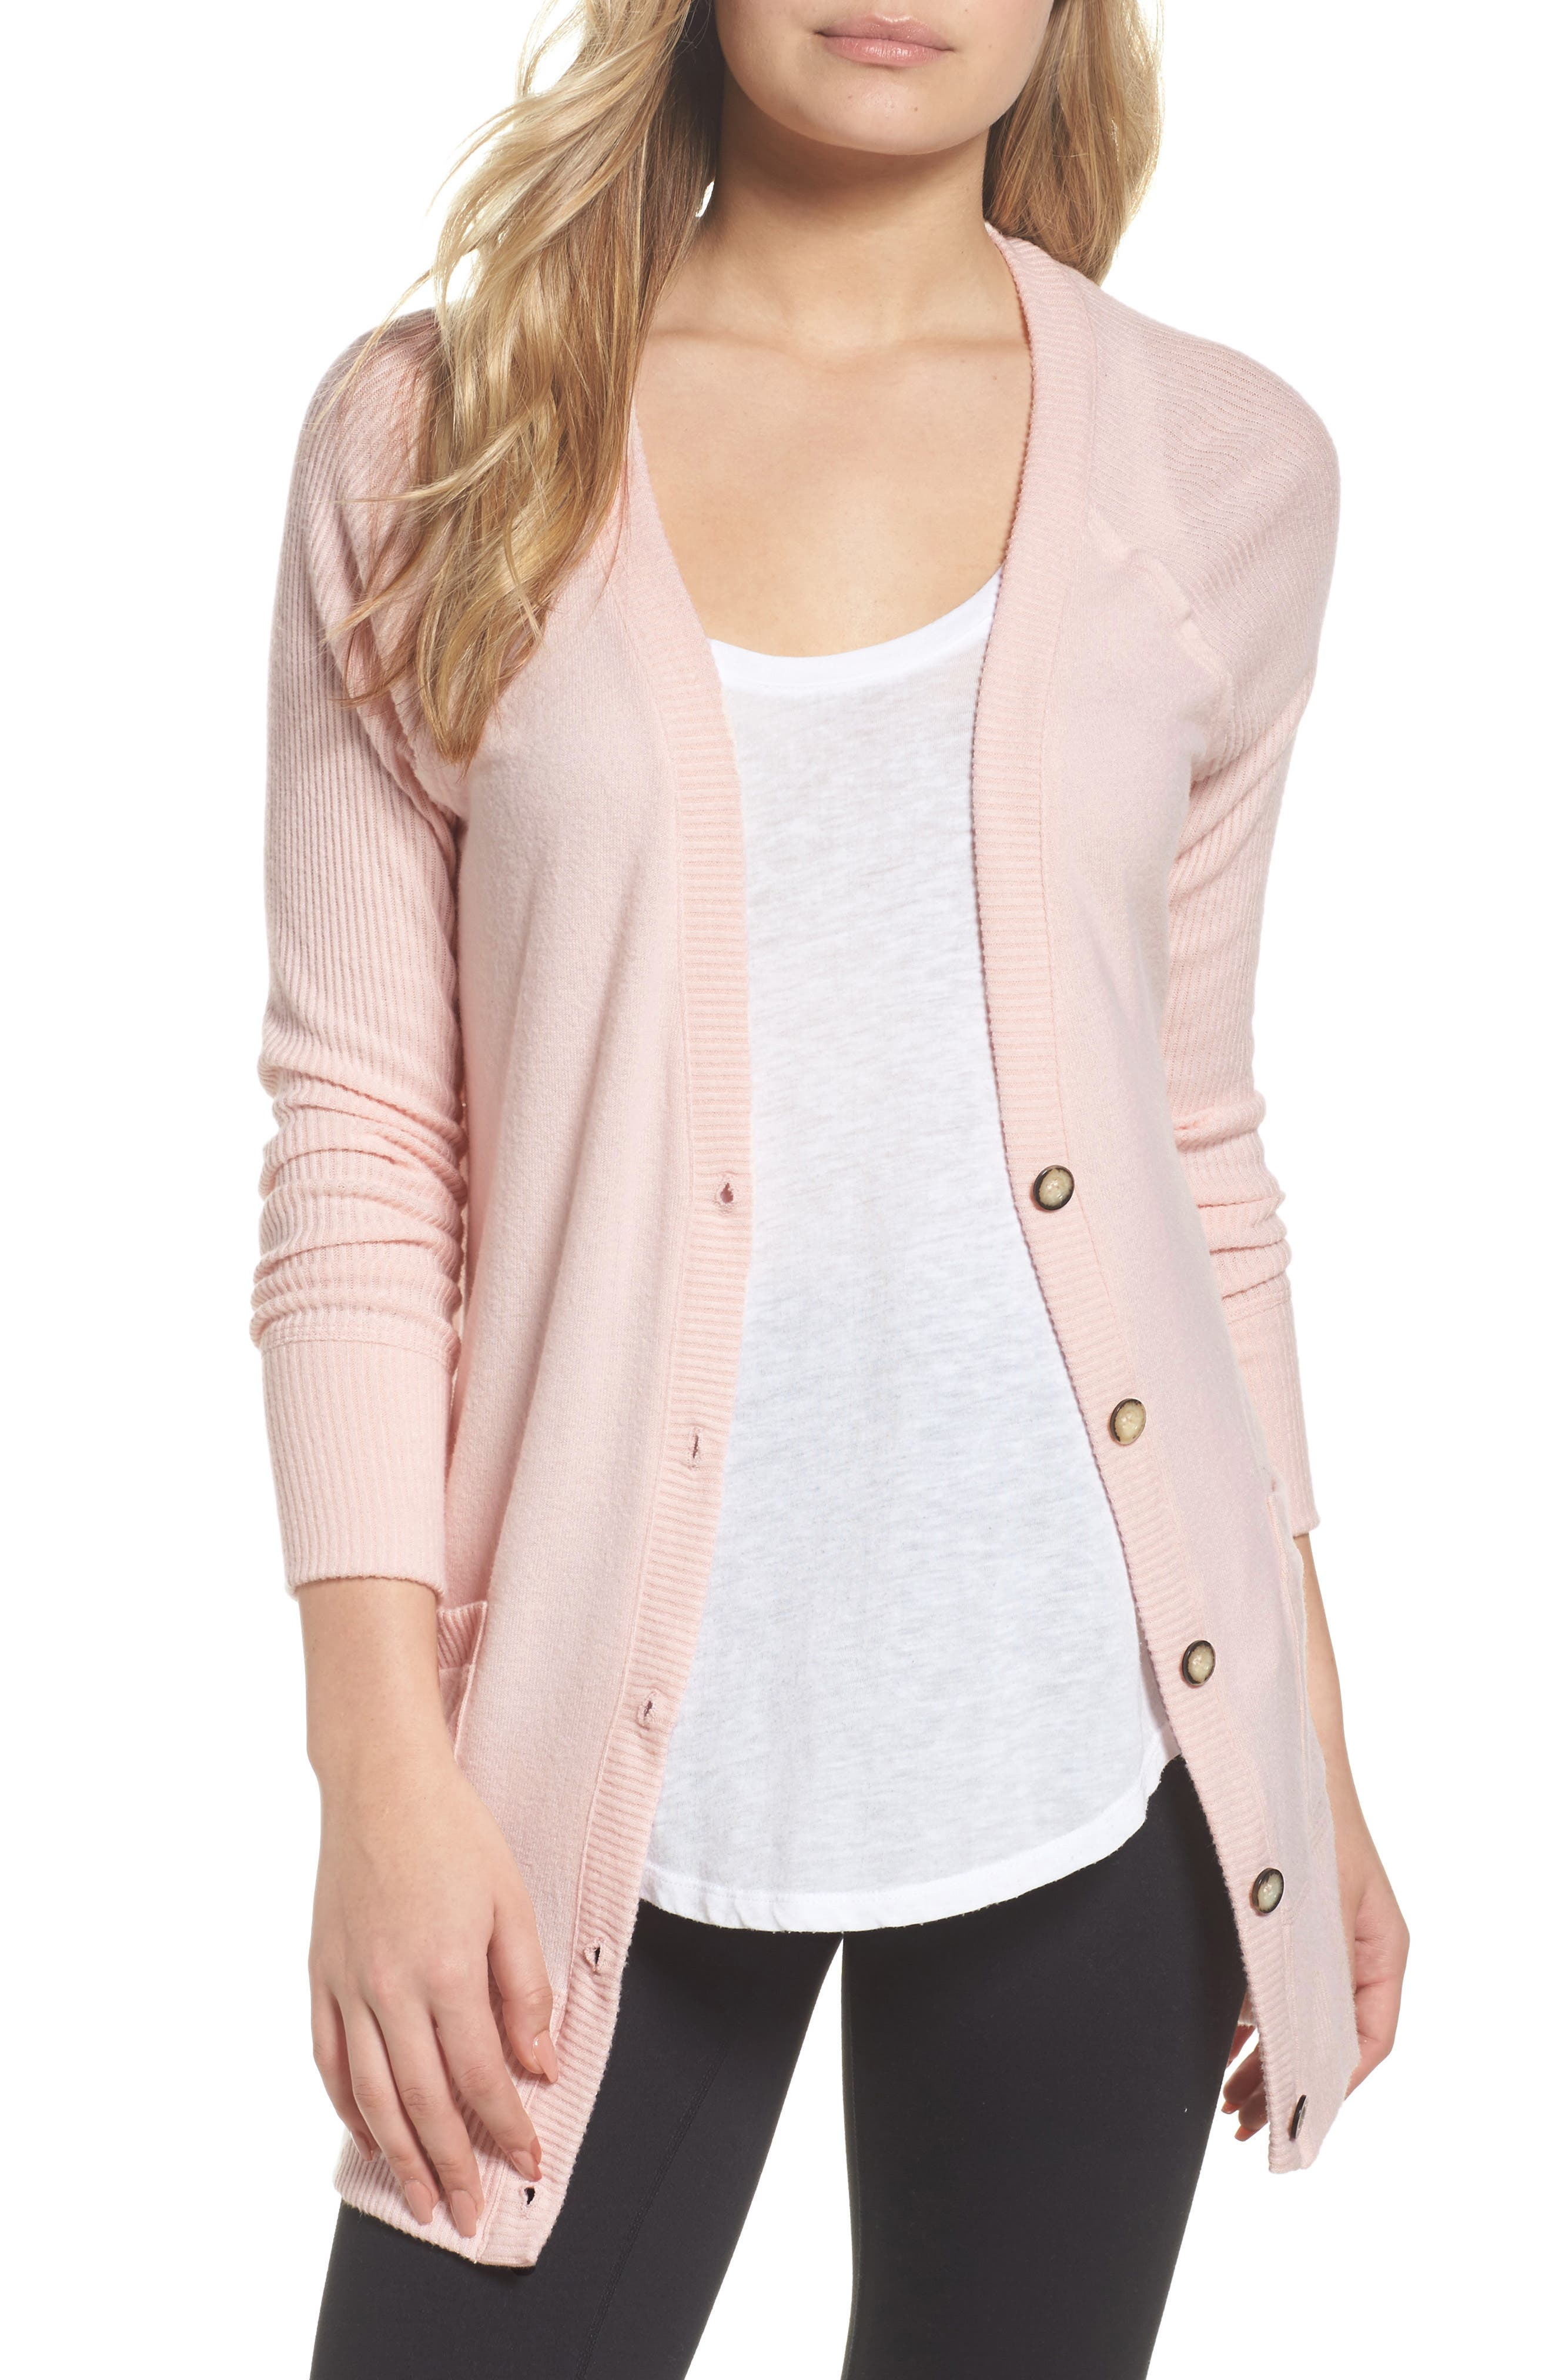 Hacci Cardigan,                         Main,                         color, Lotus Pink